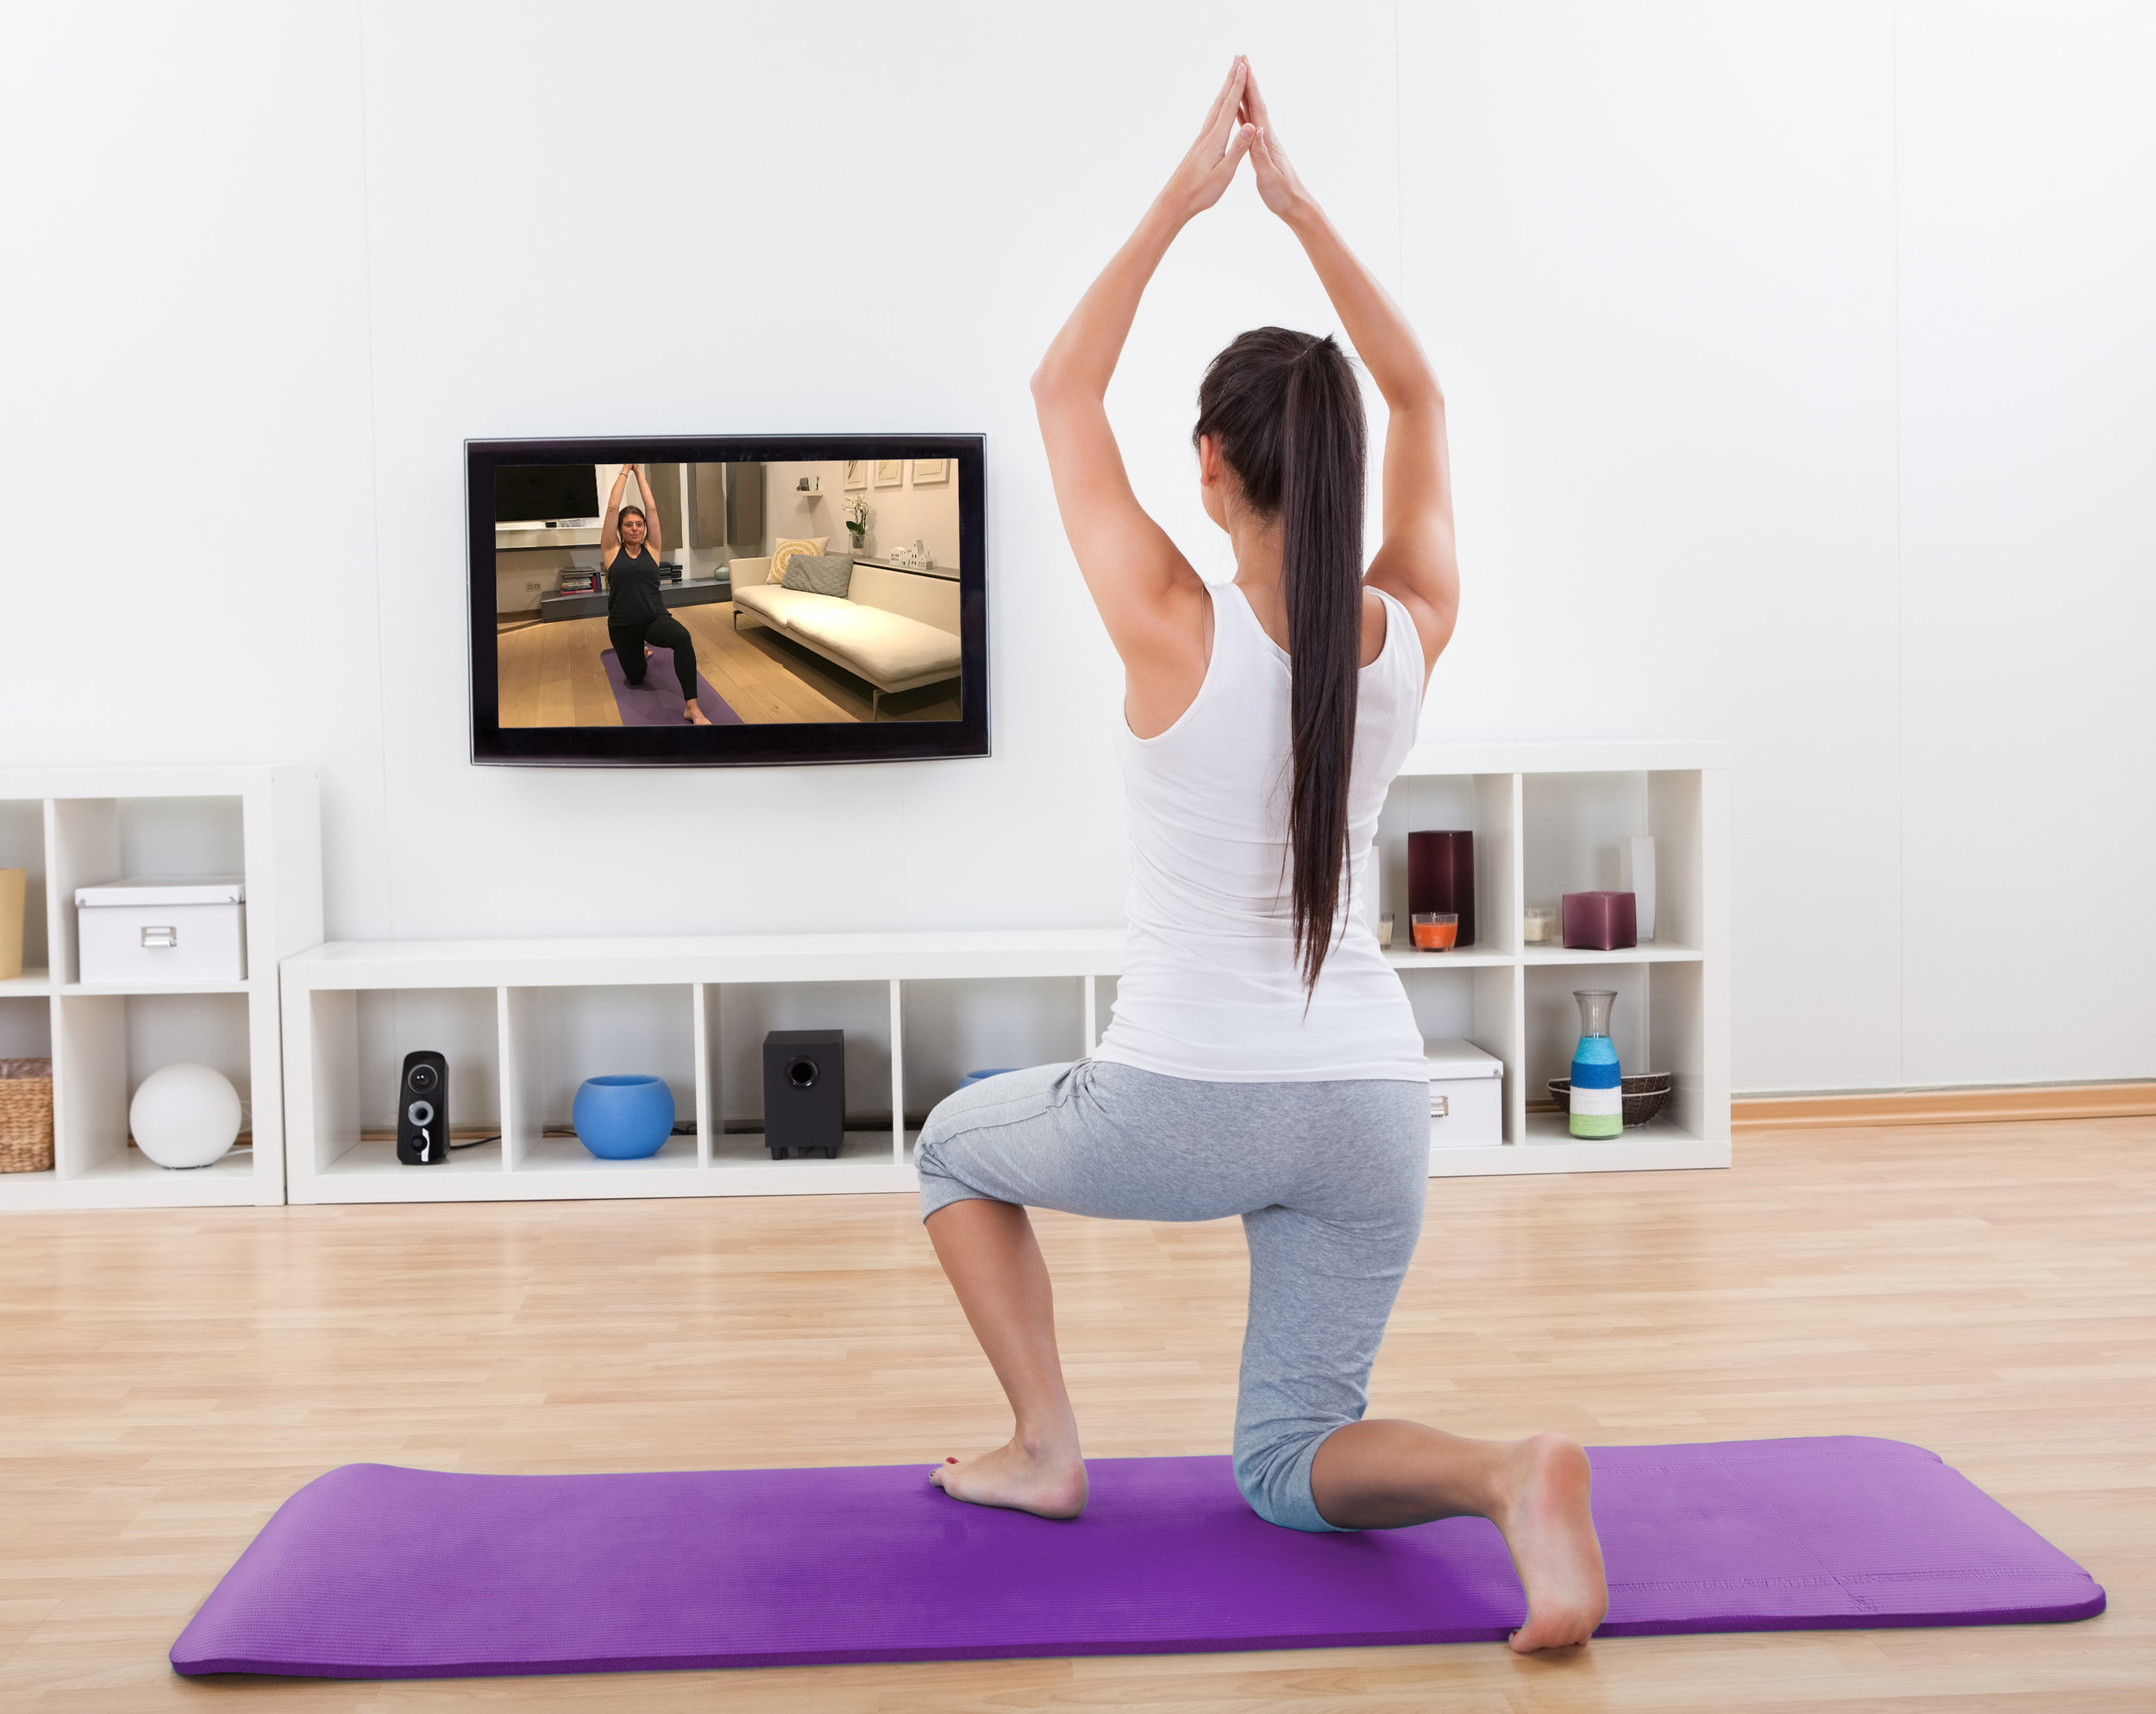 Yogavideos on demand leihen oder abonnieren